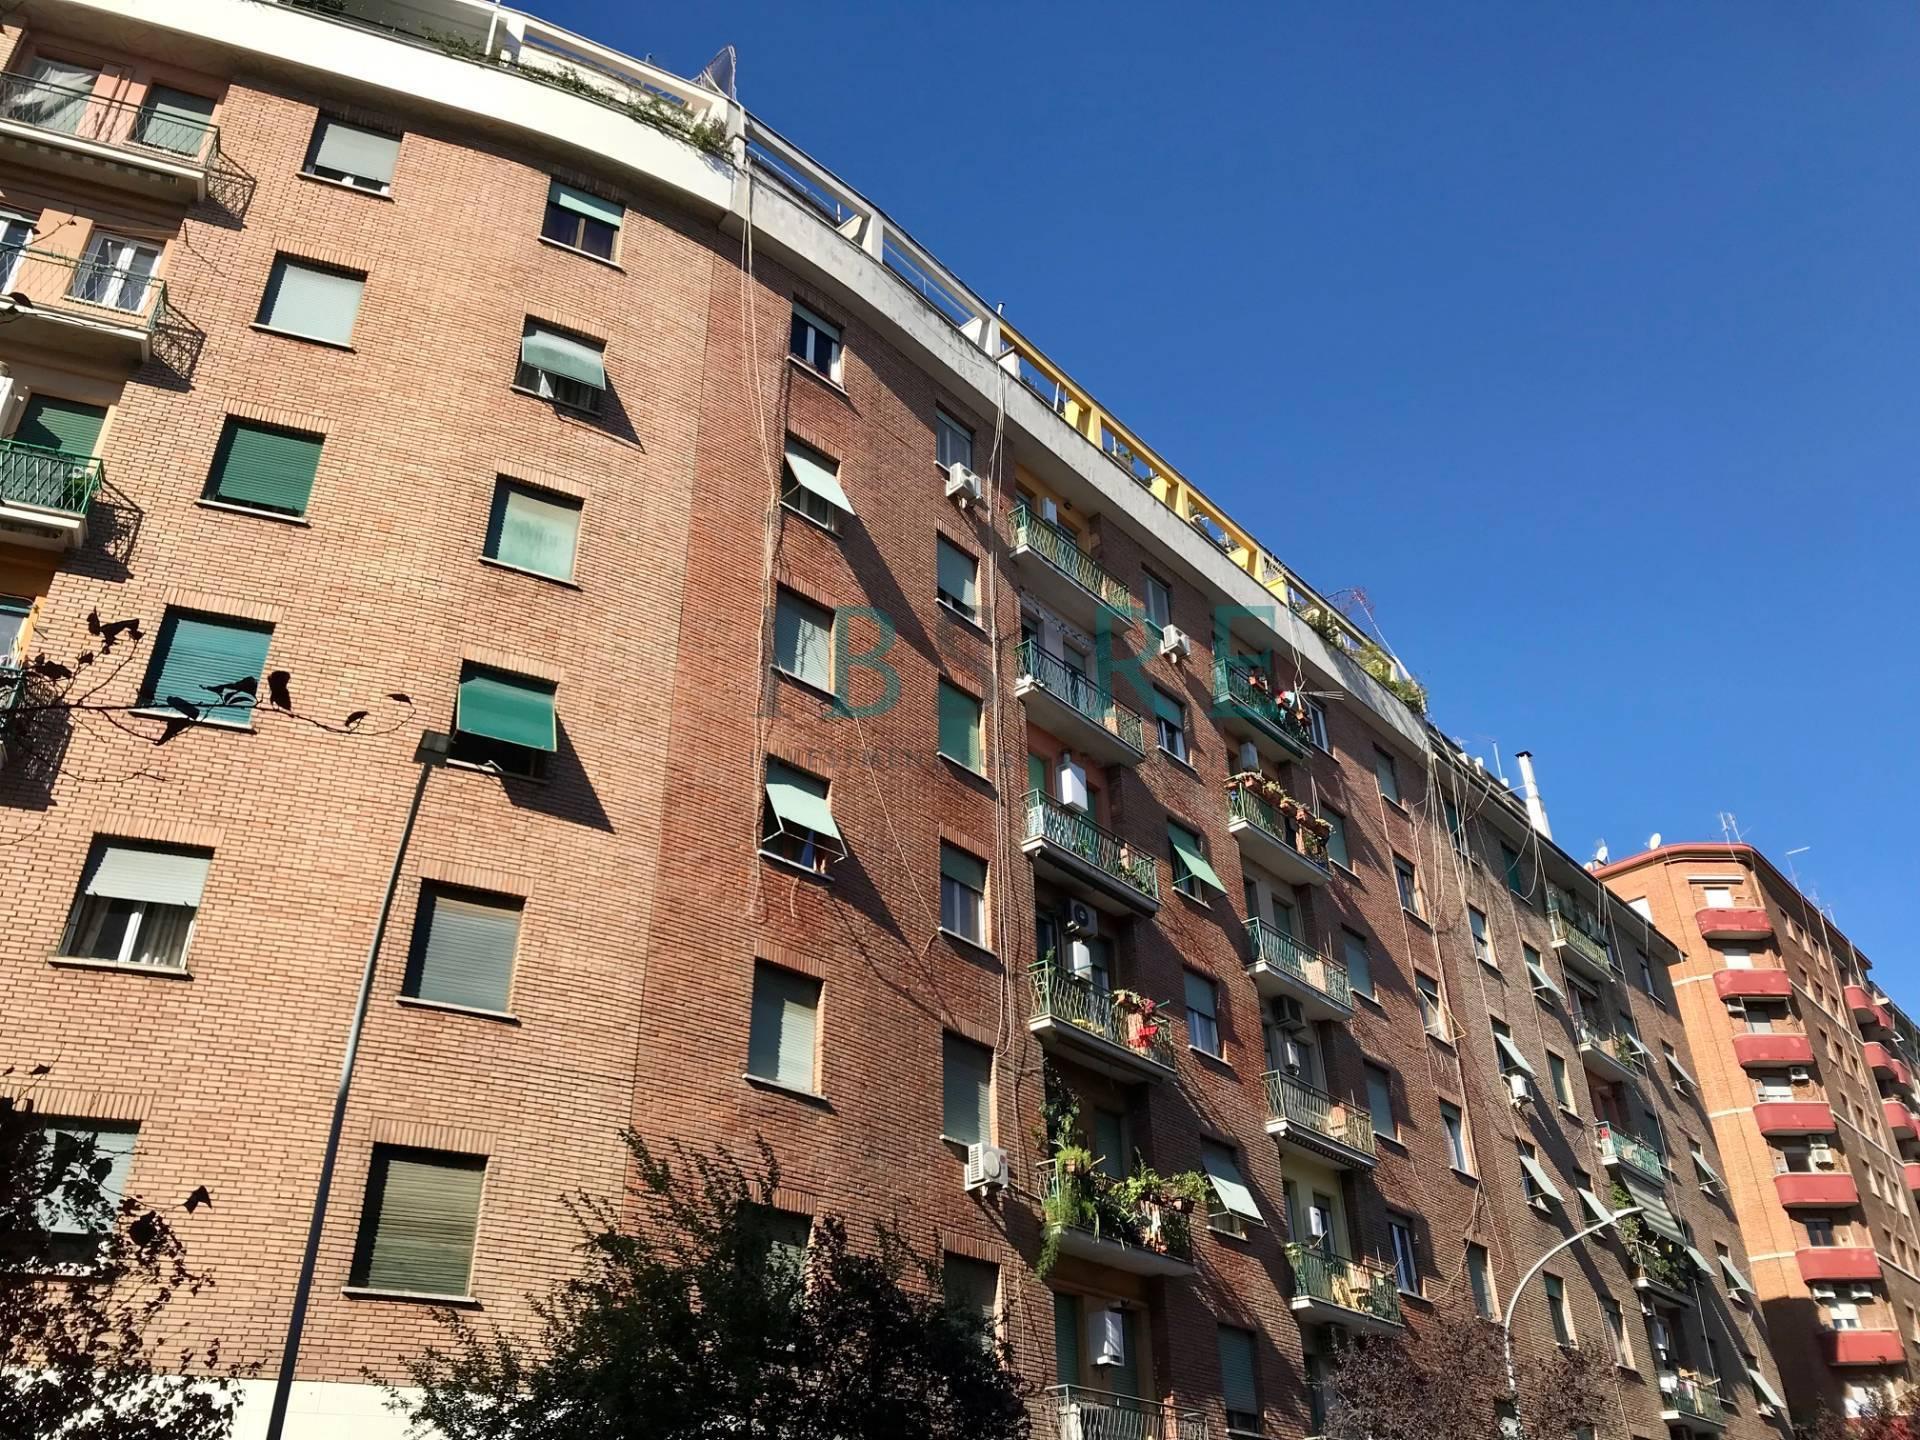 Appartamento in vendita a Roma, 4 locali, zona Località: AppiaNuova, prezzo € 310.000 | CambioCasa.it